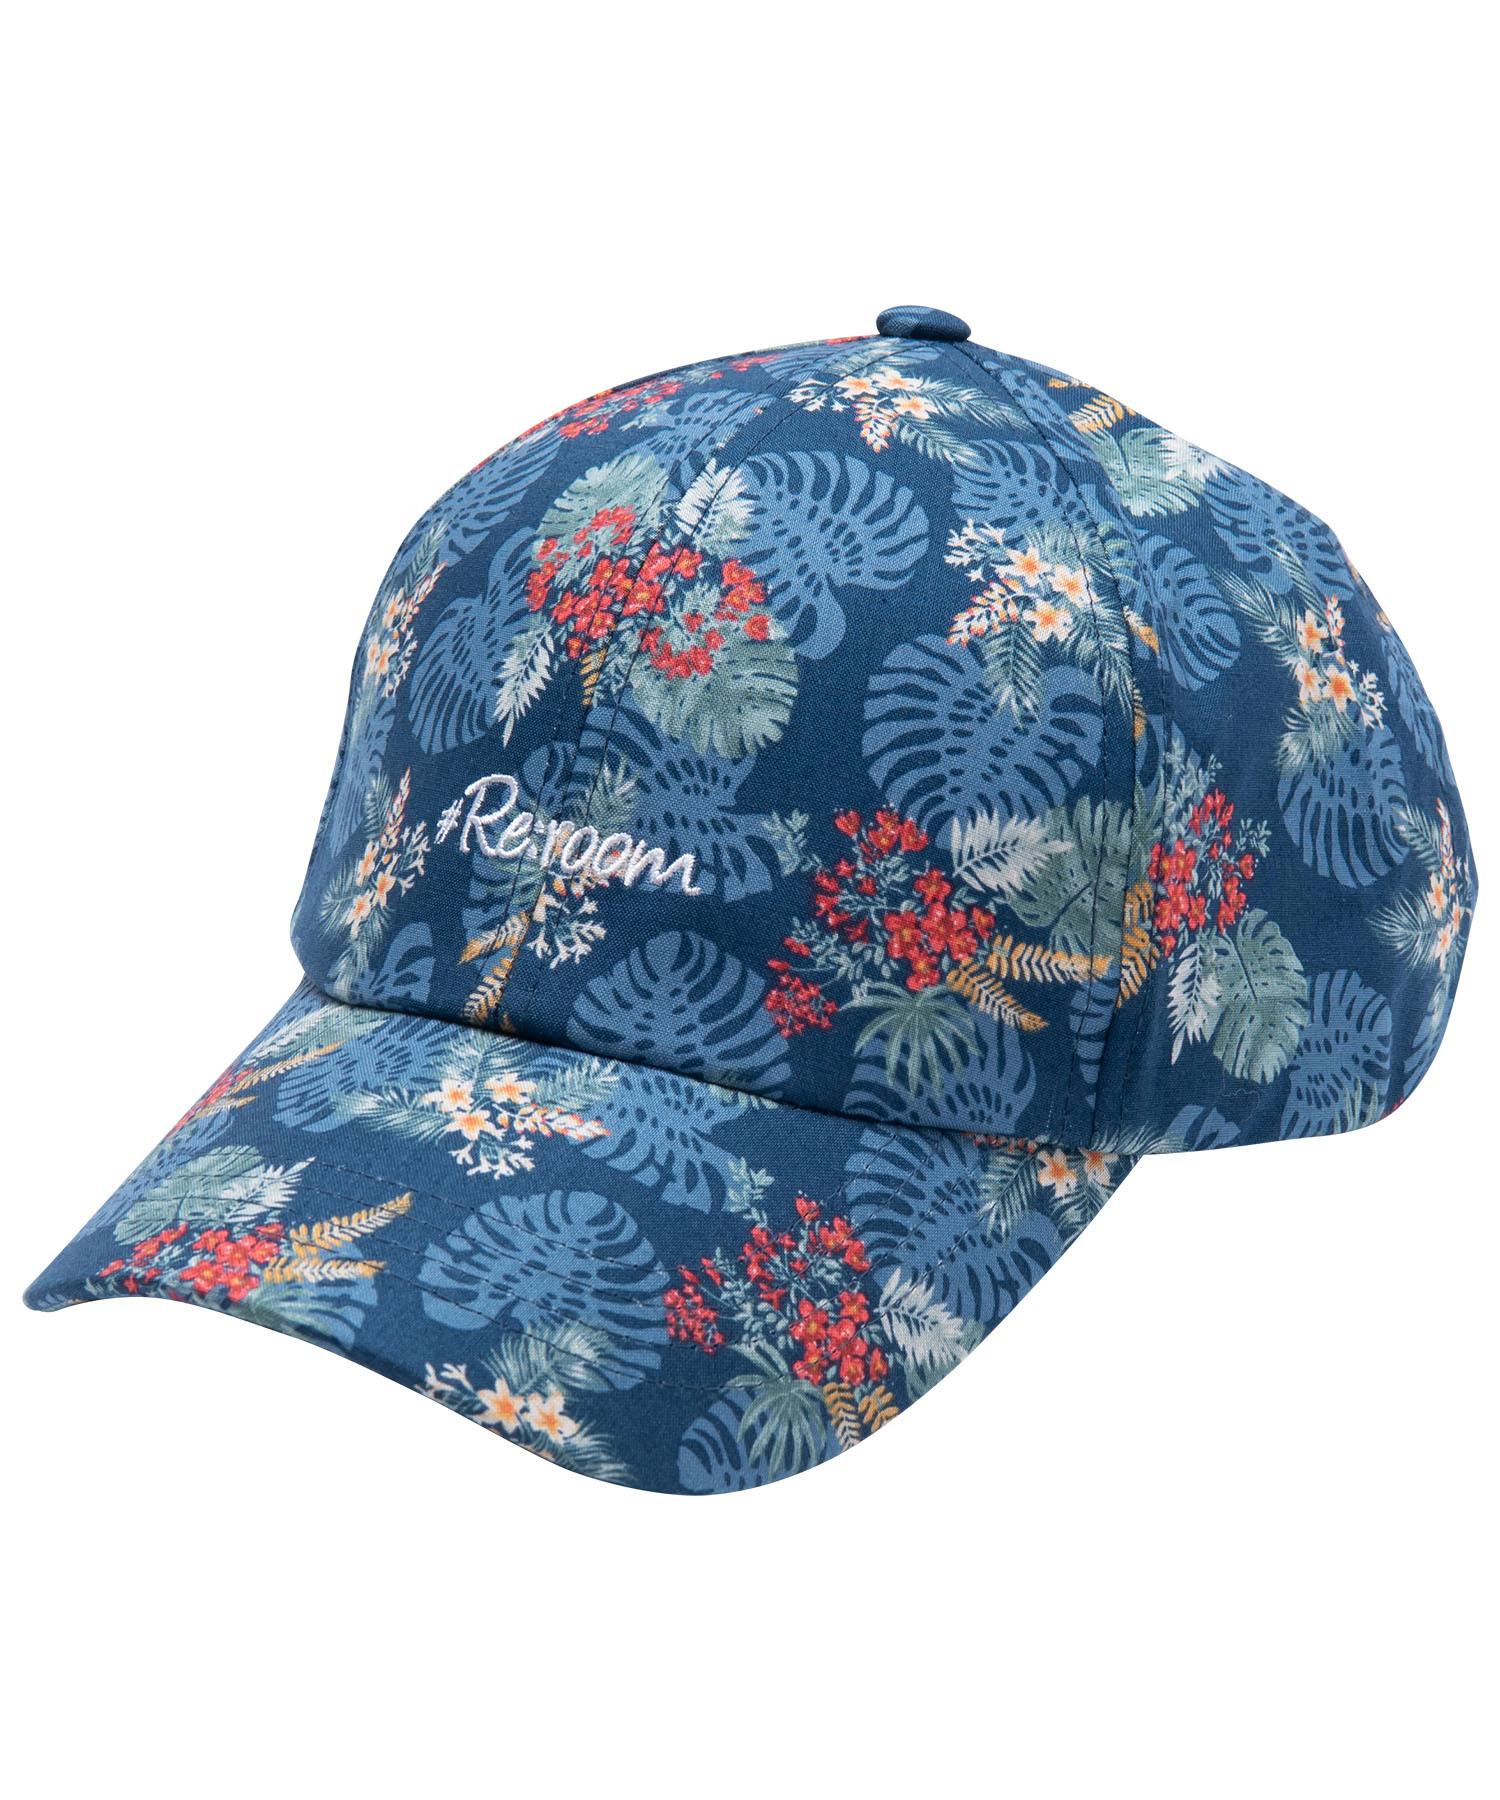 BOTANICAL PATTERN LOGO CAP[REH063]